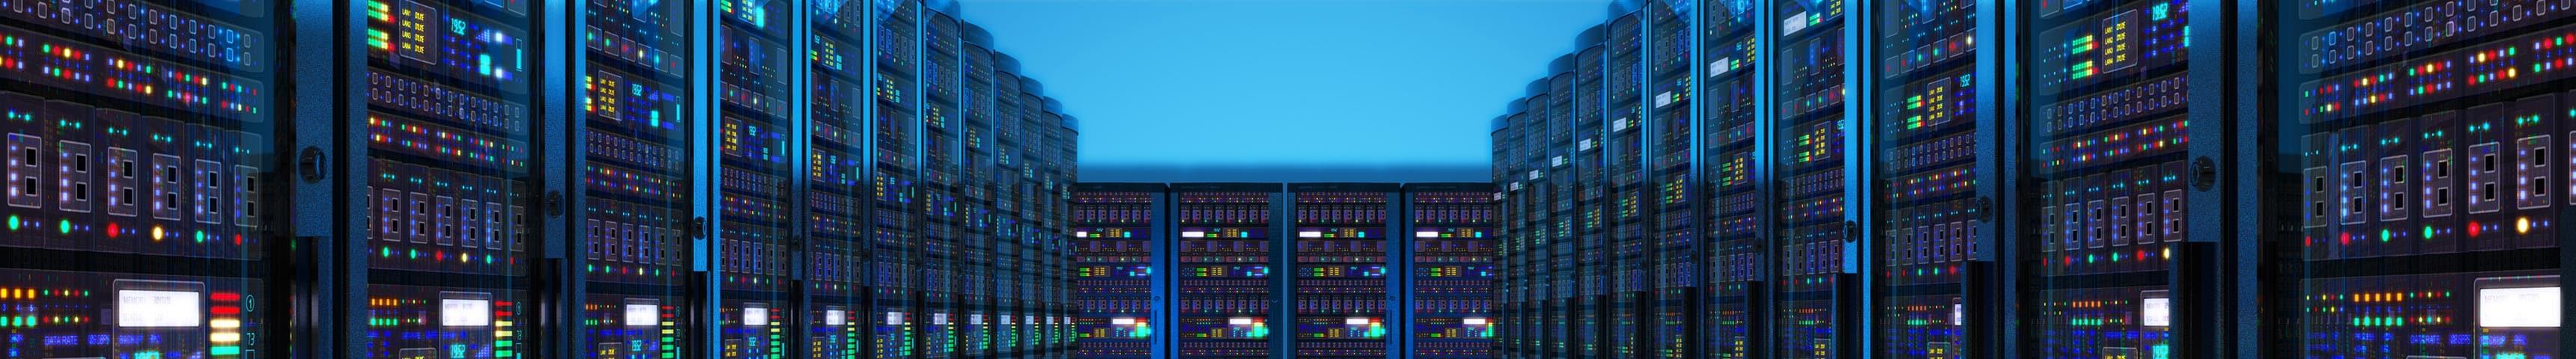 Professionell Serverraum einrichten - Orescanin IT